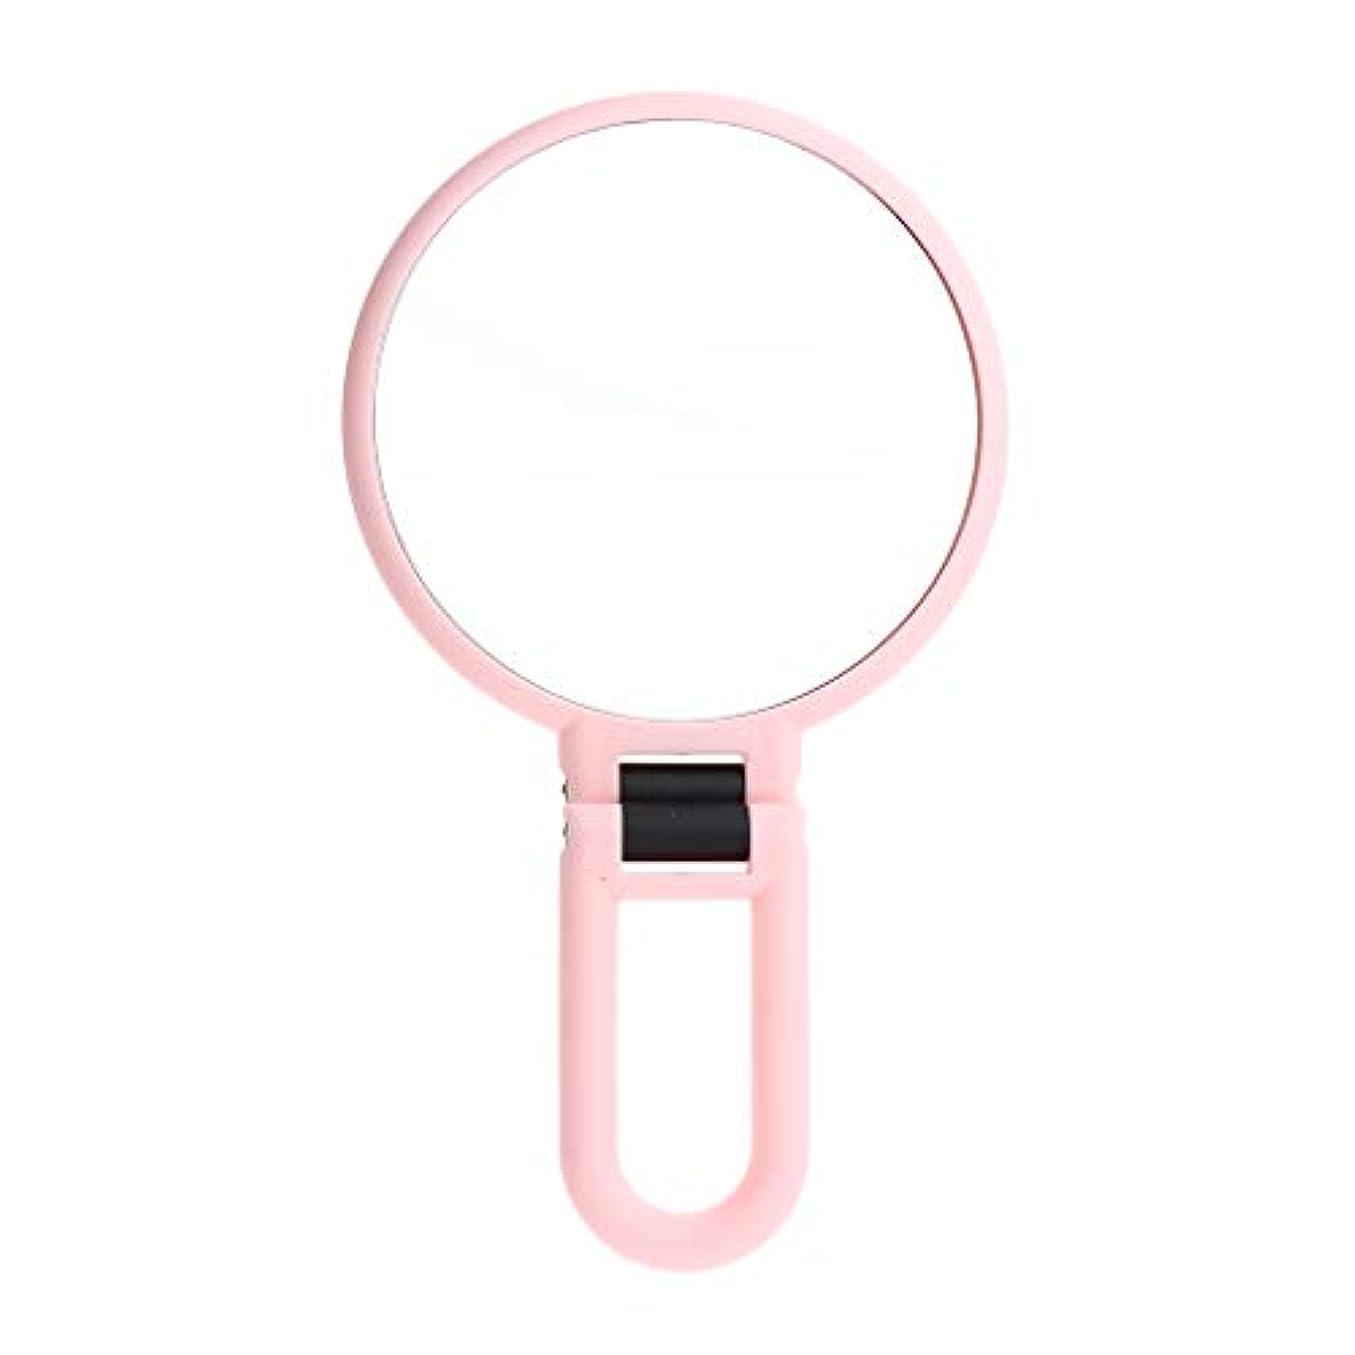 が欲しいカート散逸メイクアップミラー 拡大鏡 両面鏡 手鏡 ピンク 旅行 携帯便利 2タイプ選べ - 5倍